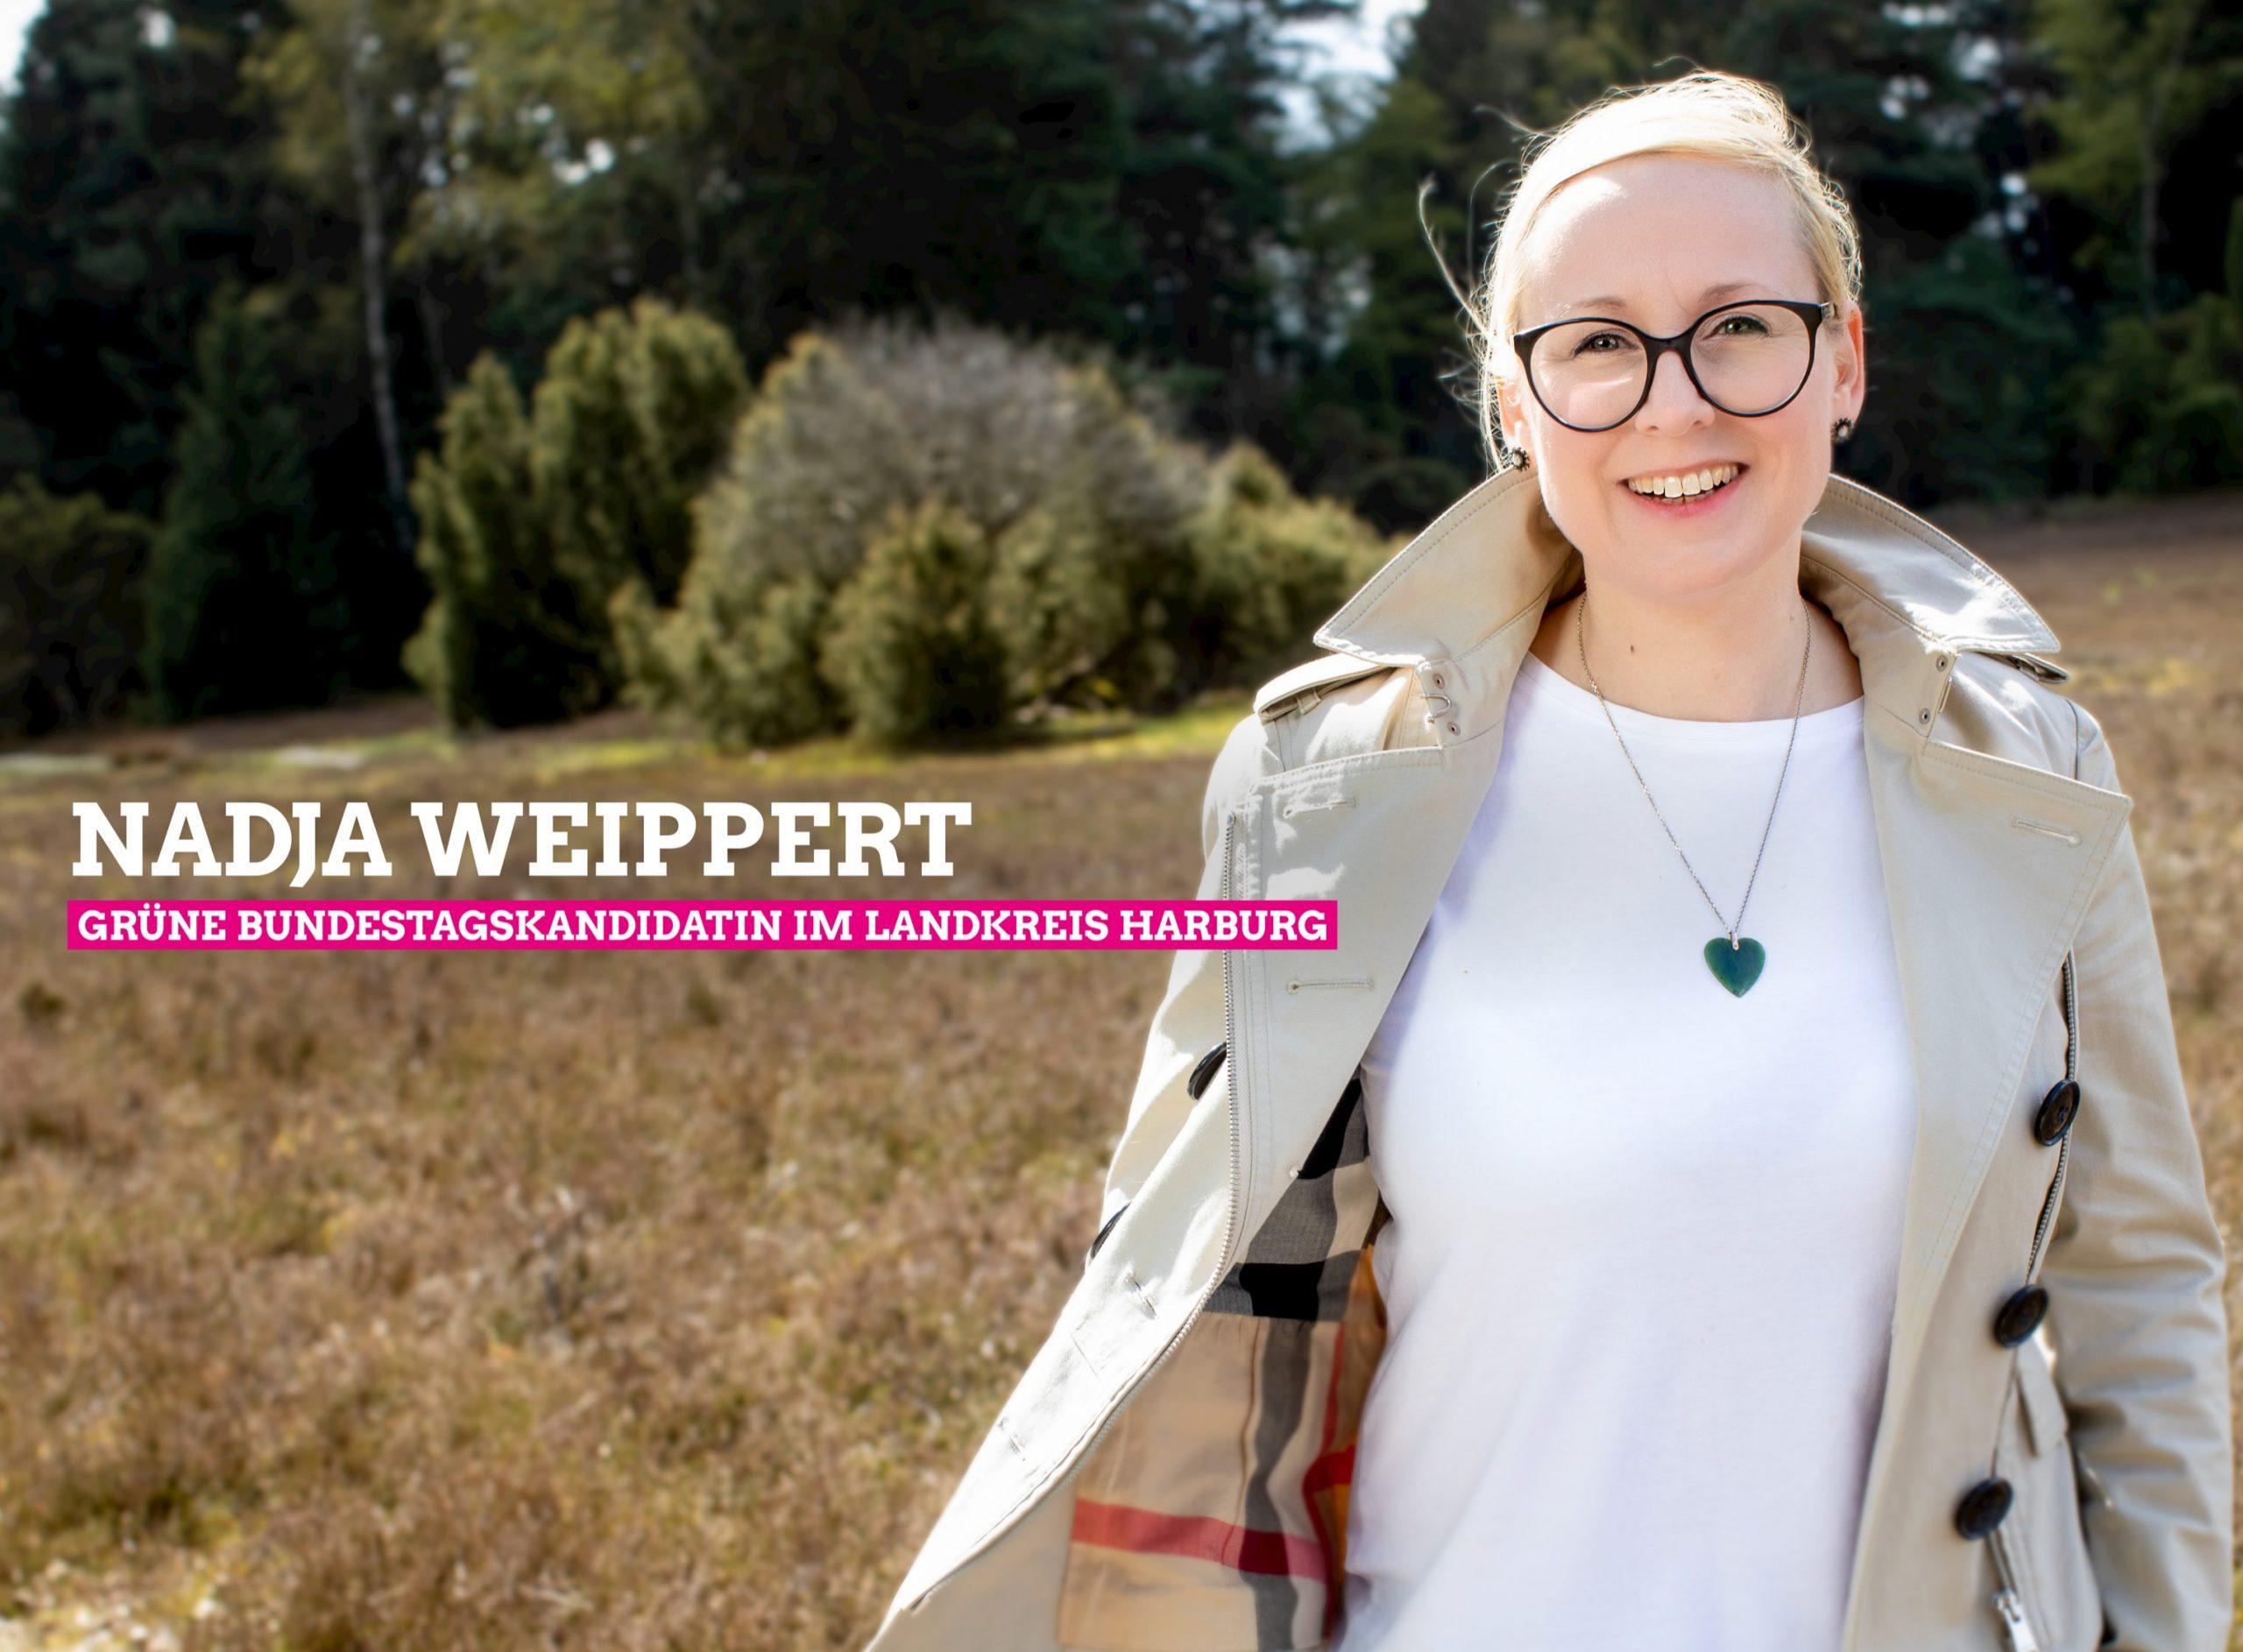 Nadja Weippert ist erneut GRÜNE Direktkandidatin im Landkreis Harburg für die Bundestagswahl 2021